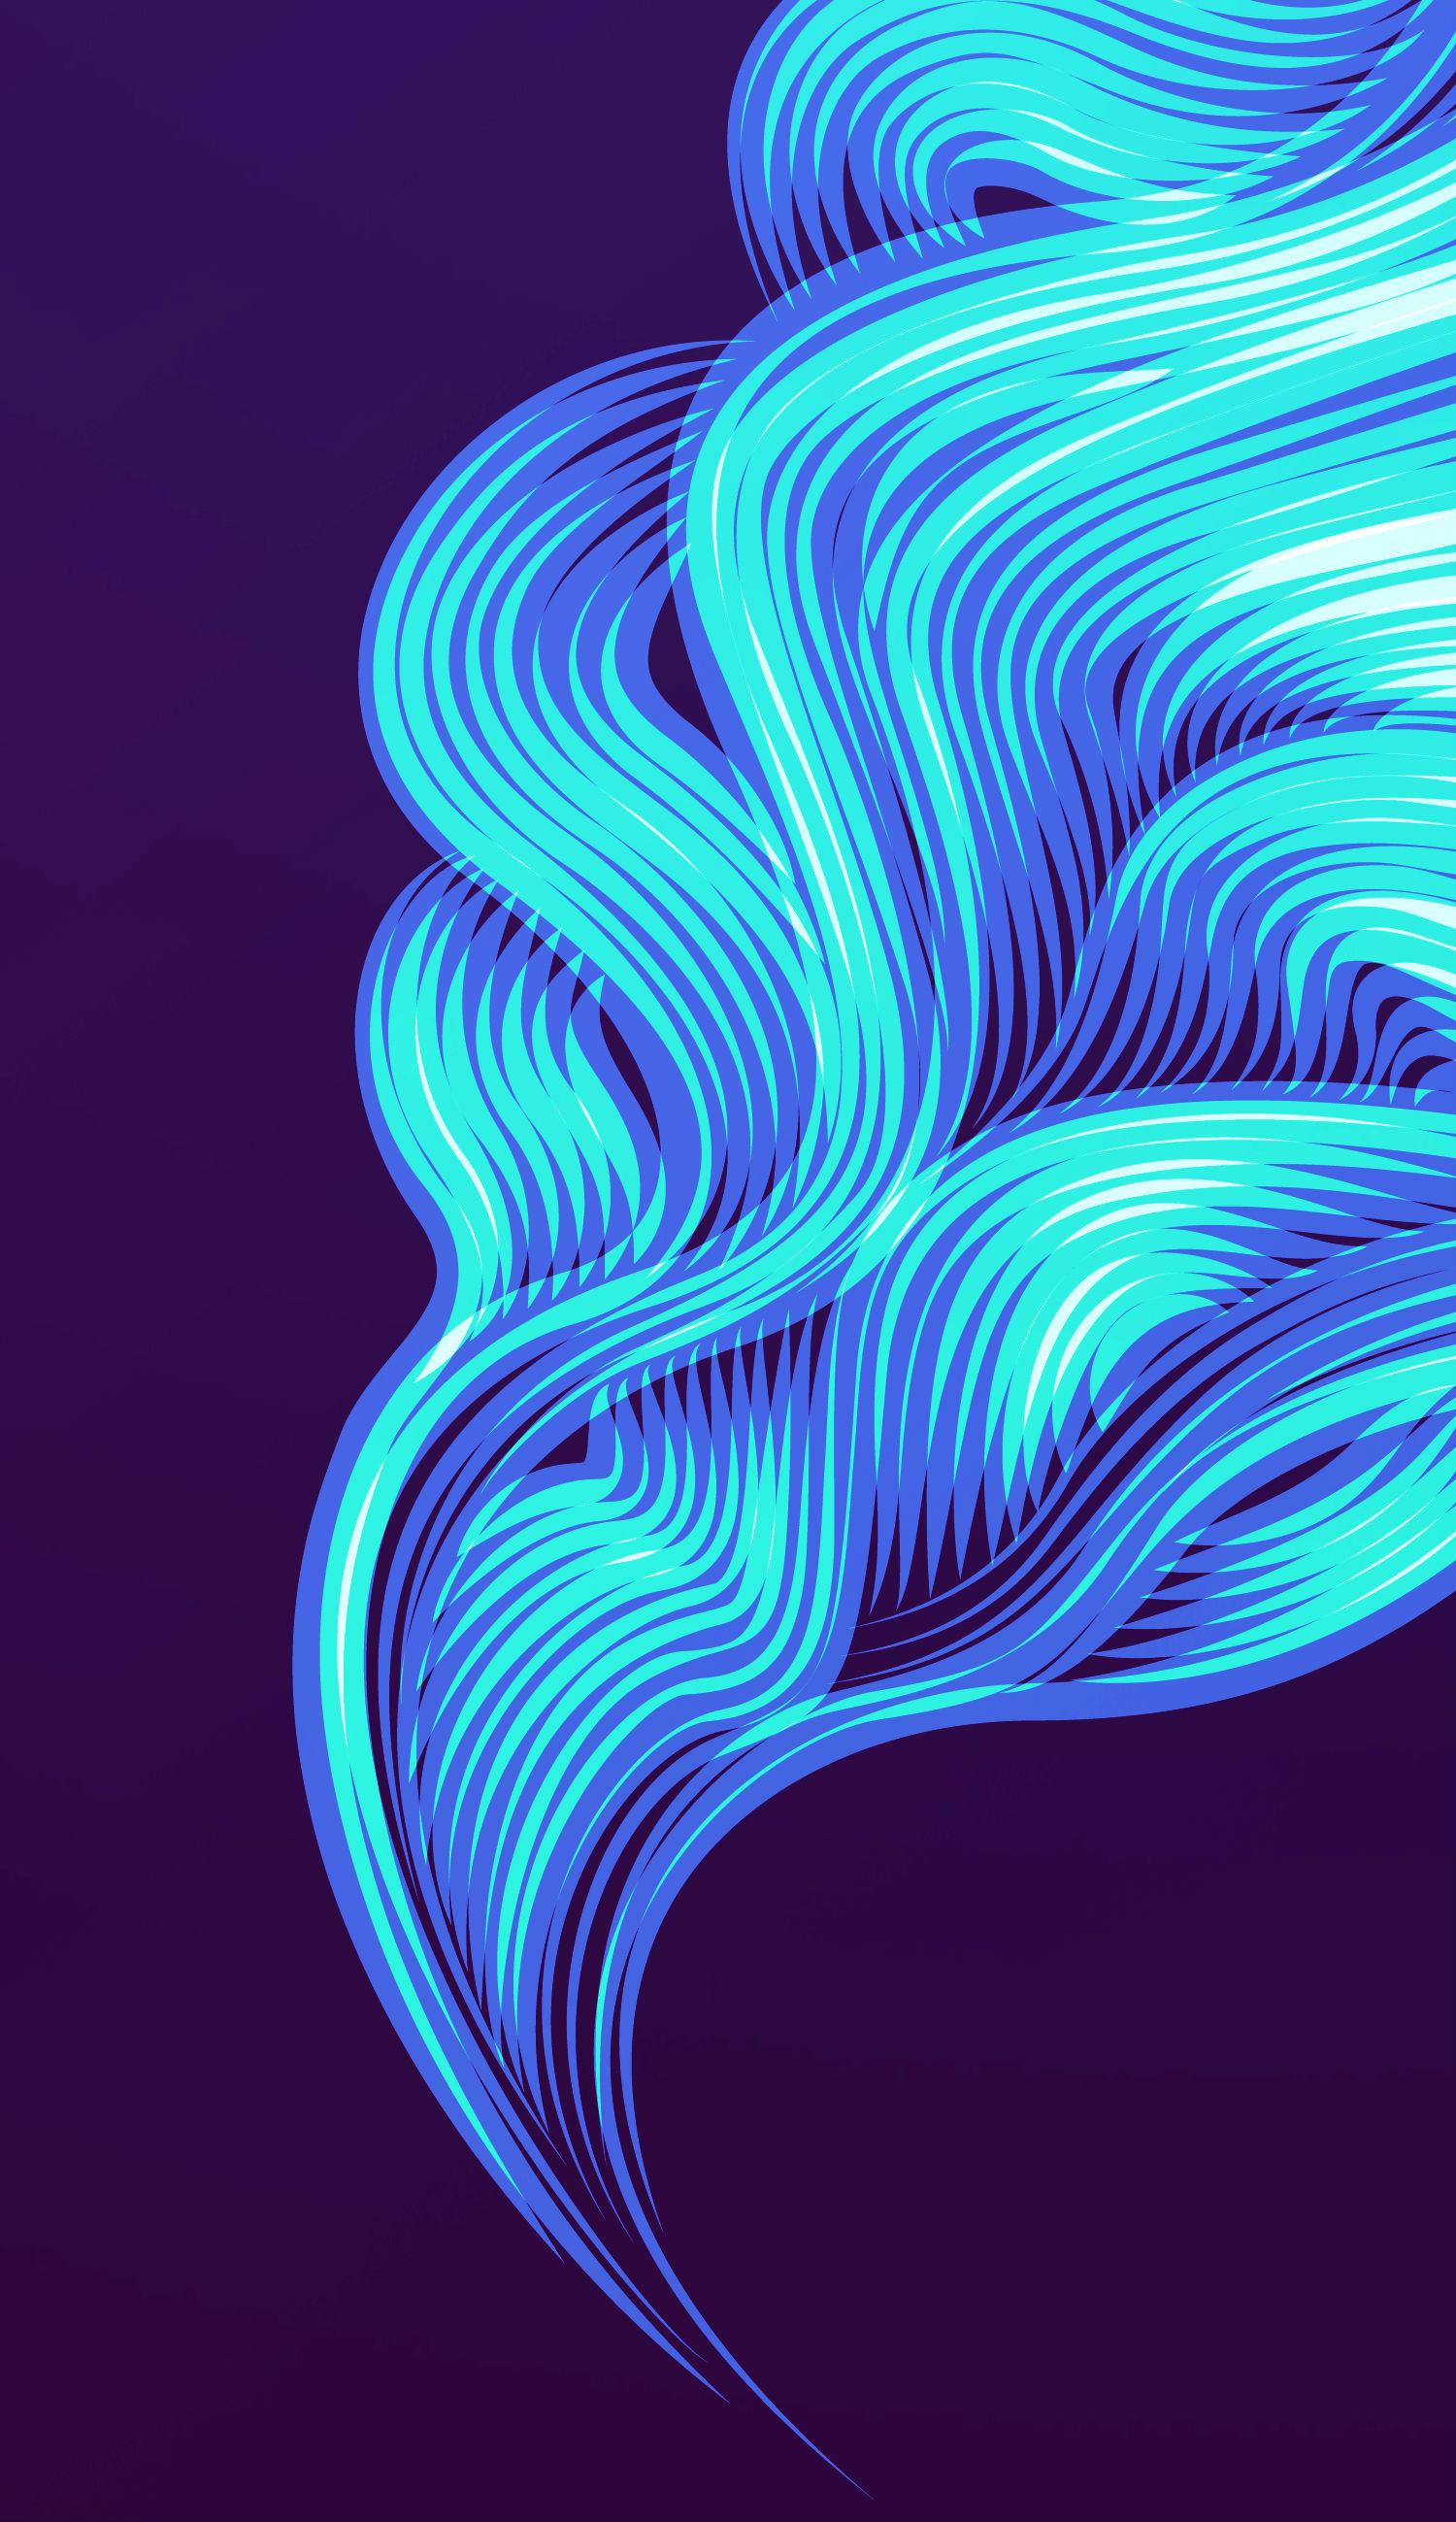 patrick seymour digital art electric colours smoke